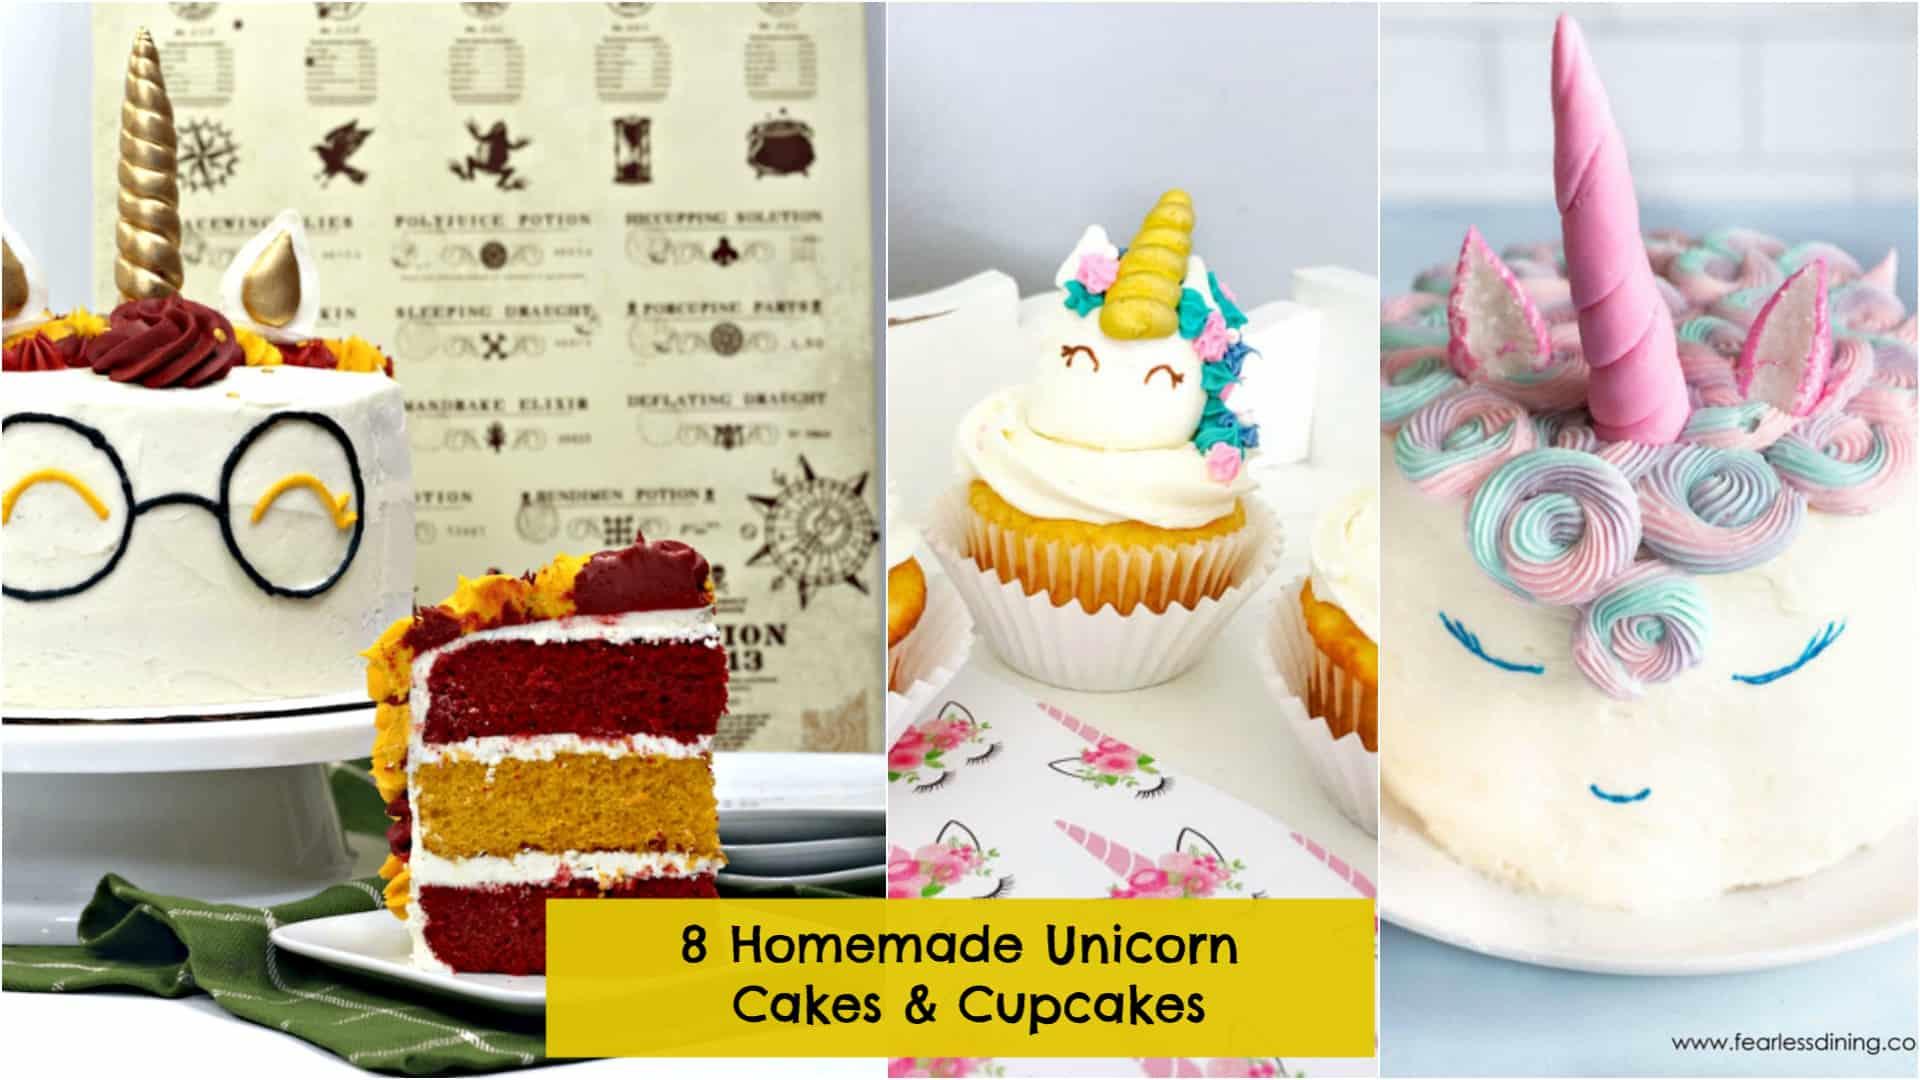 8 DIY Unicorn Cake & Cupcake Ideas for Birthday Parties